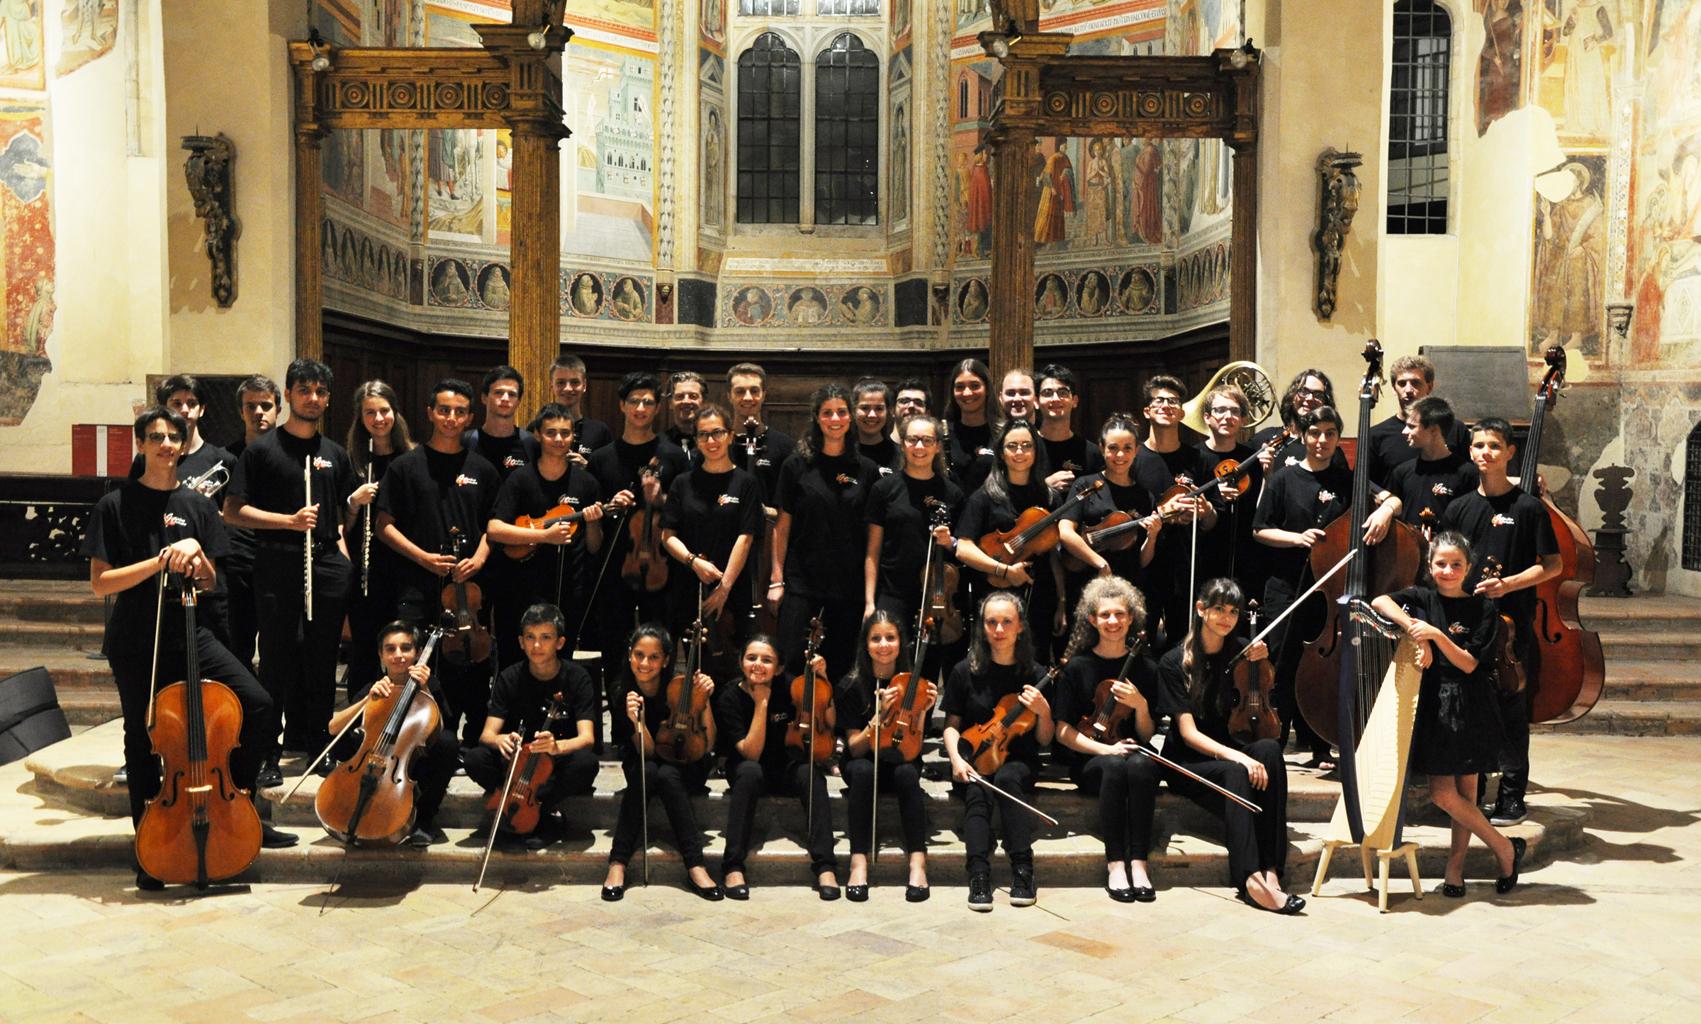 Gioachino_orchestra